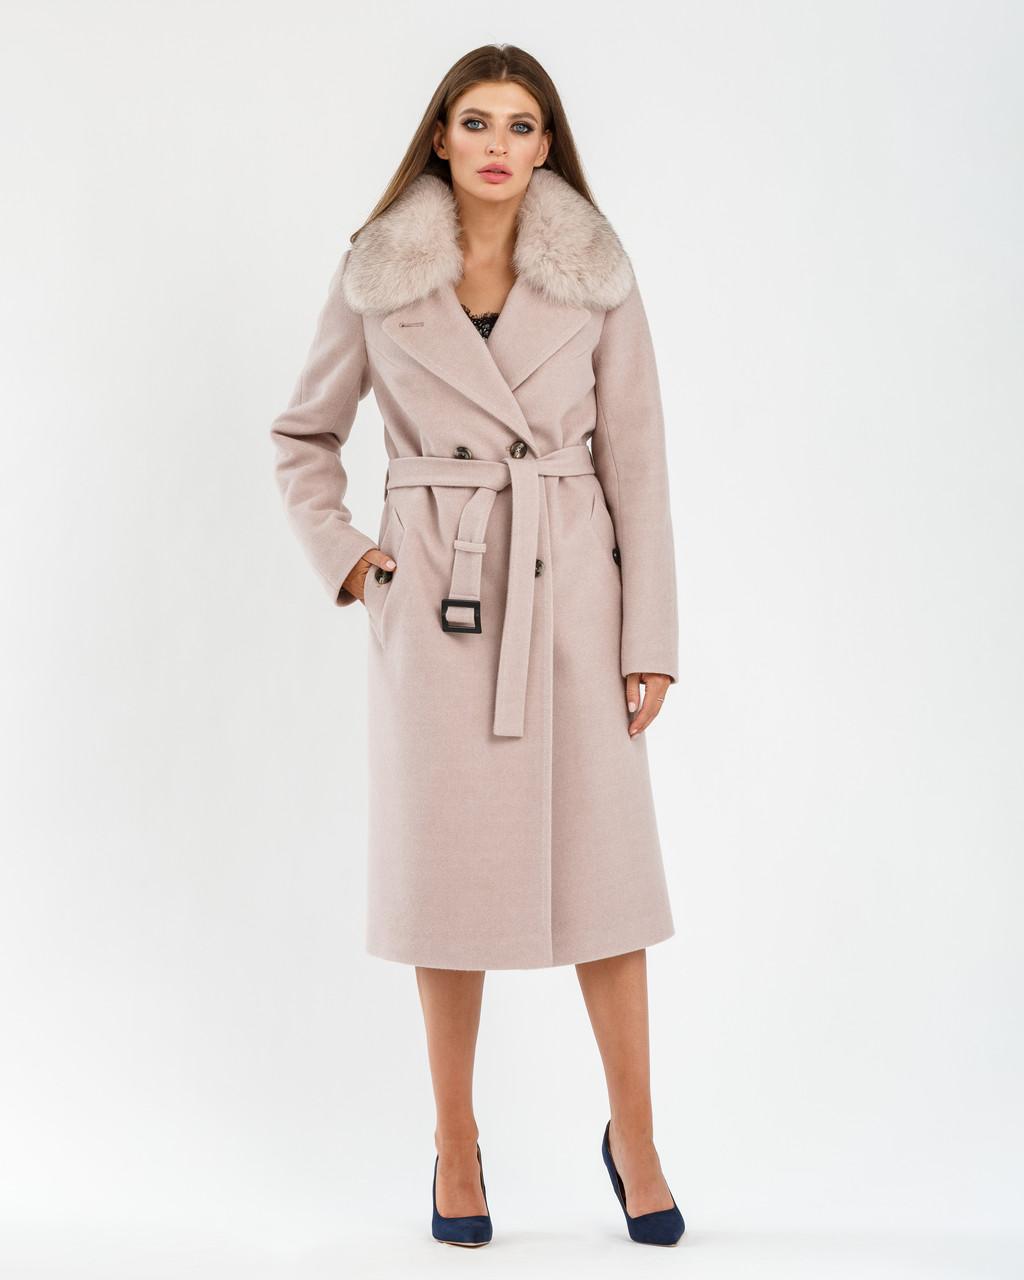 Стильное модное ЗИМНЕЕ пальто с натуральным песцовым воротником с 44 по 54 размер Бежевый